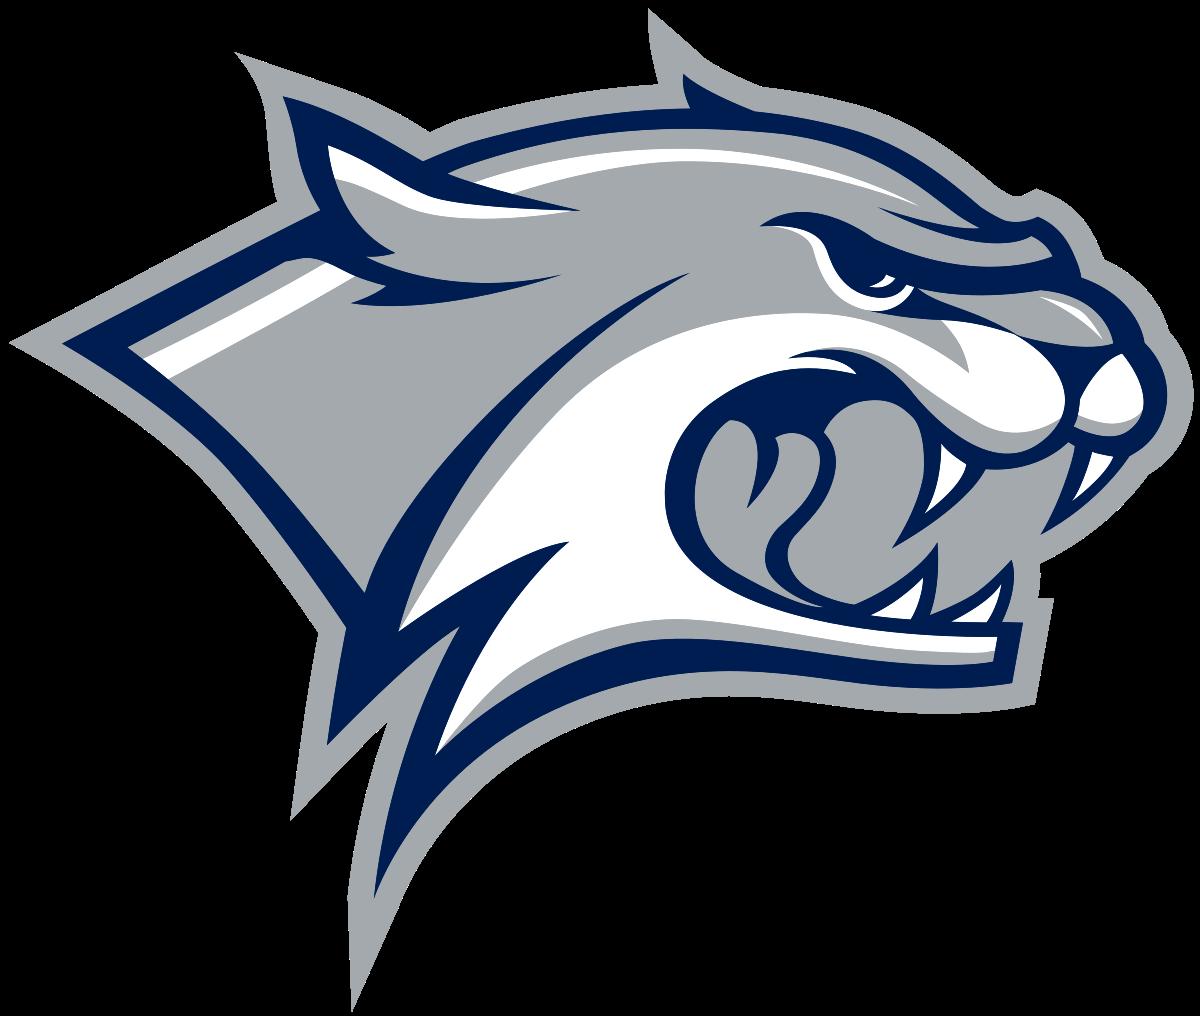 New hampshire wildcats wikipedia. Wildcat clipart wildcat baseball